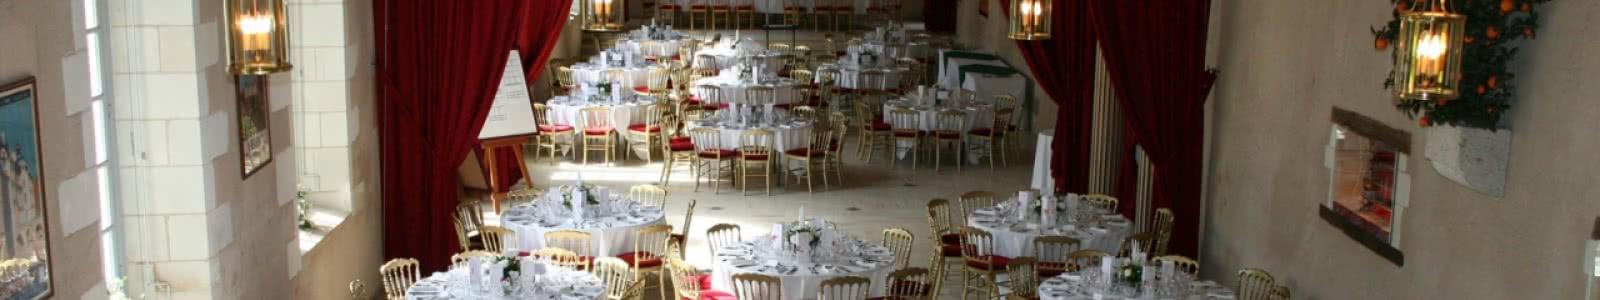 Château de Cheverny - Salle de réception de l'Orangerie - Congrès, séminaires et événements en Loir-et-Cher Val de Loire